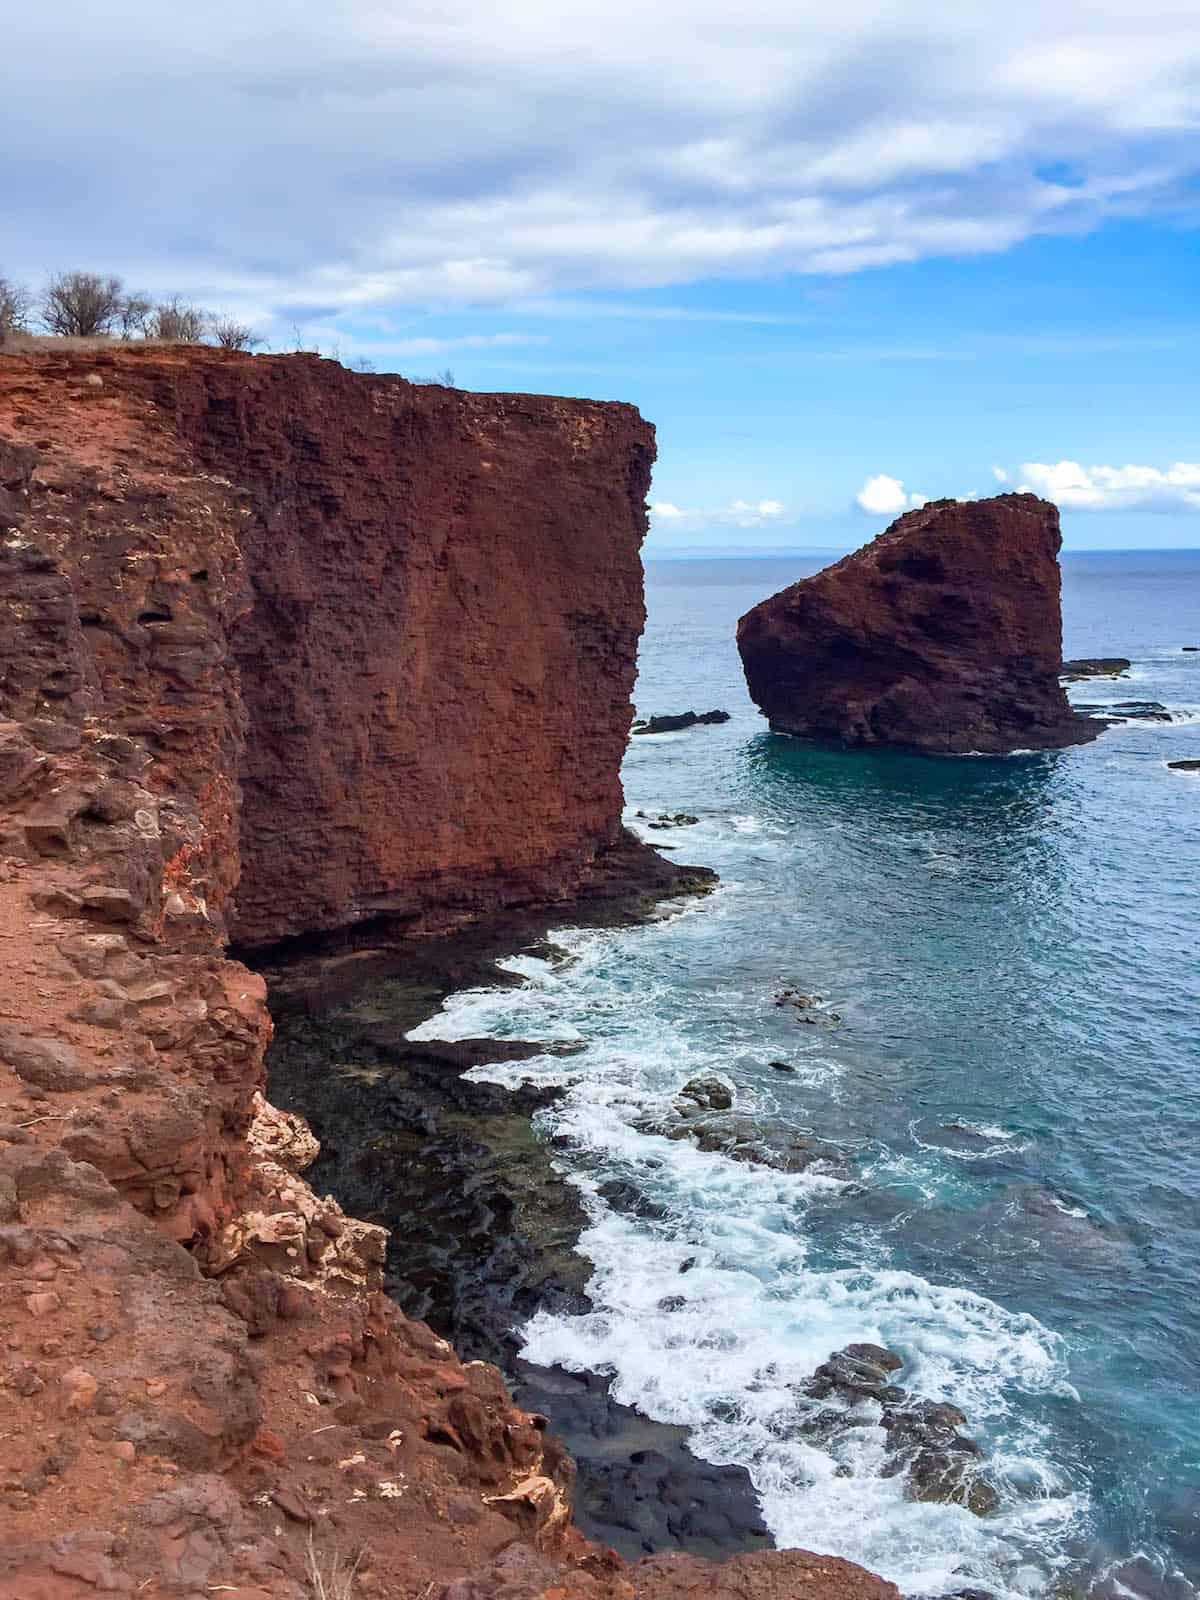 Sweetheart Rock Lanai Island, Hawaii